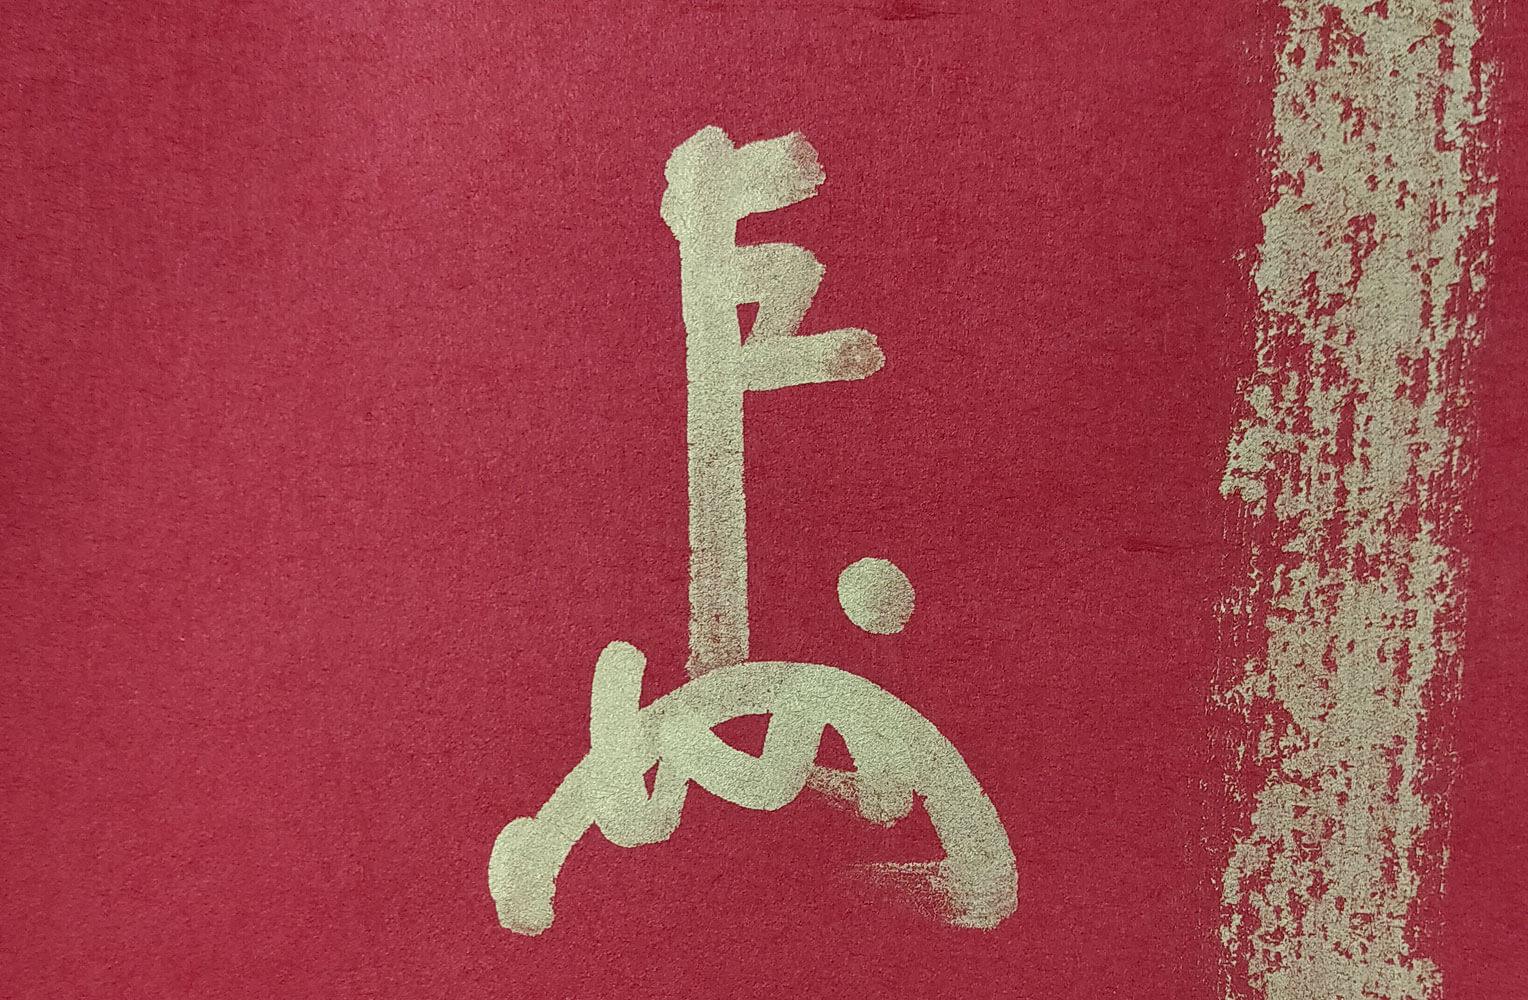 即中斎自筆一行書 『無事』奥村吉兵衛表具 飛来一閑軸先 商品アップ画像